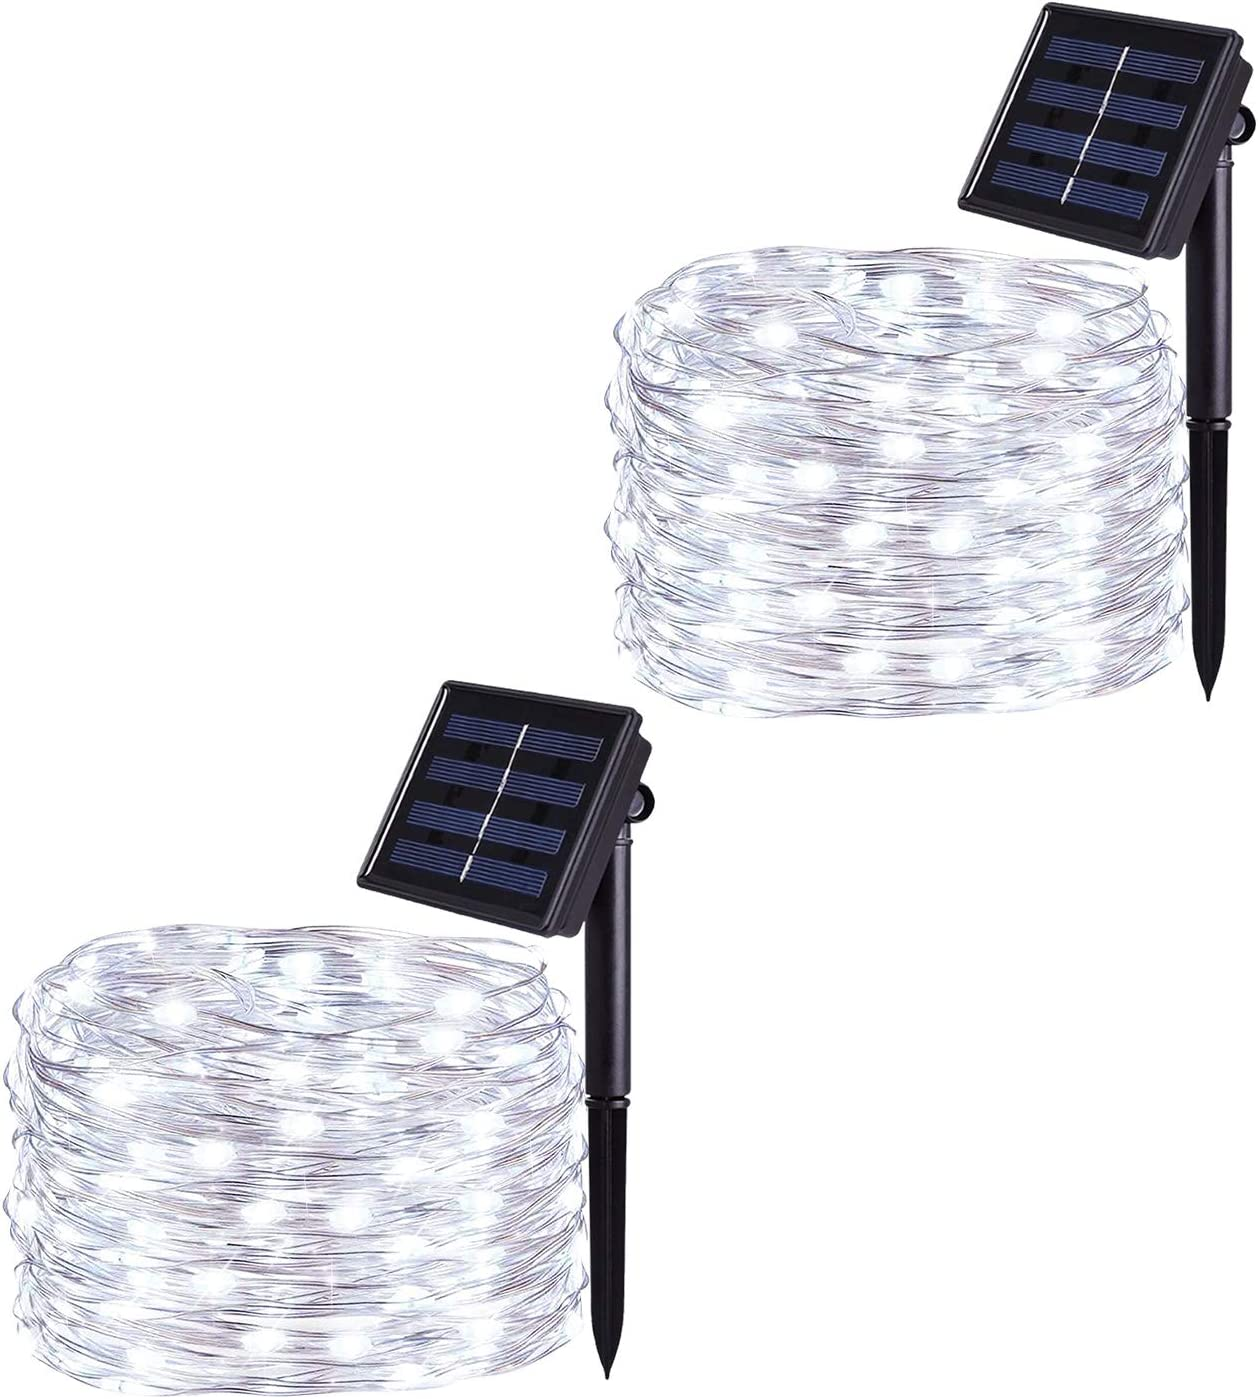 2 Pack Solar String Lights 10 Meter //32 Feet 100LED Warm White